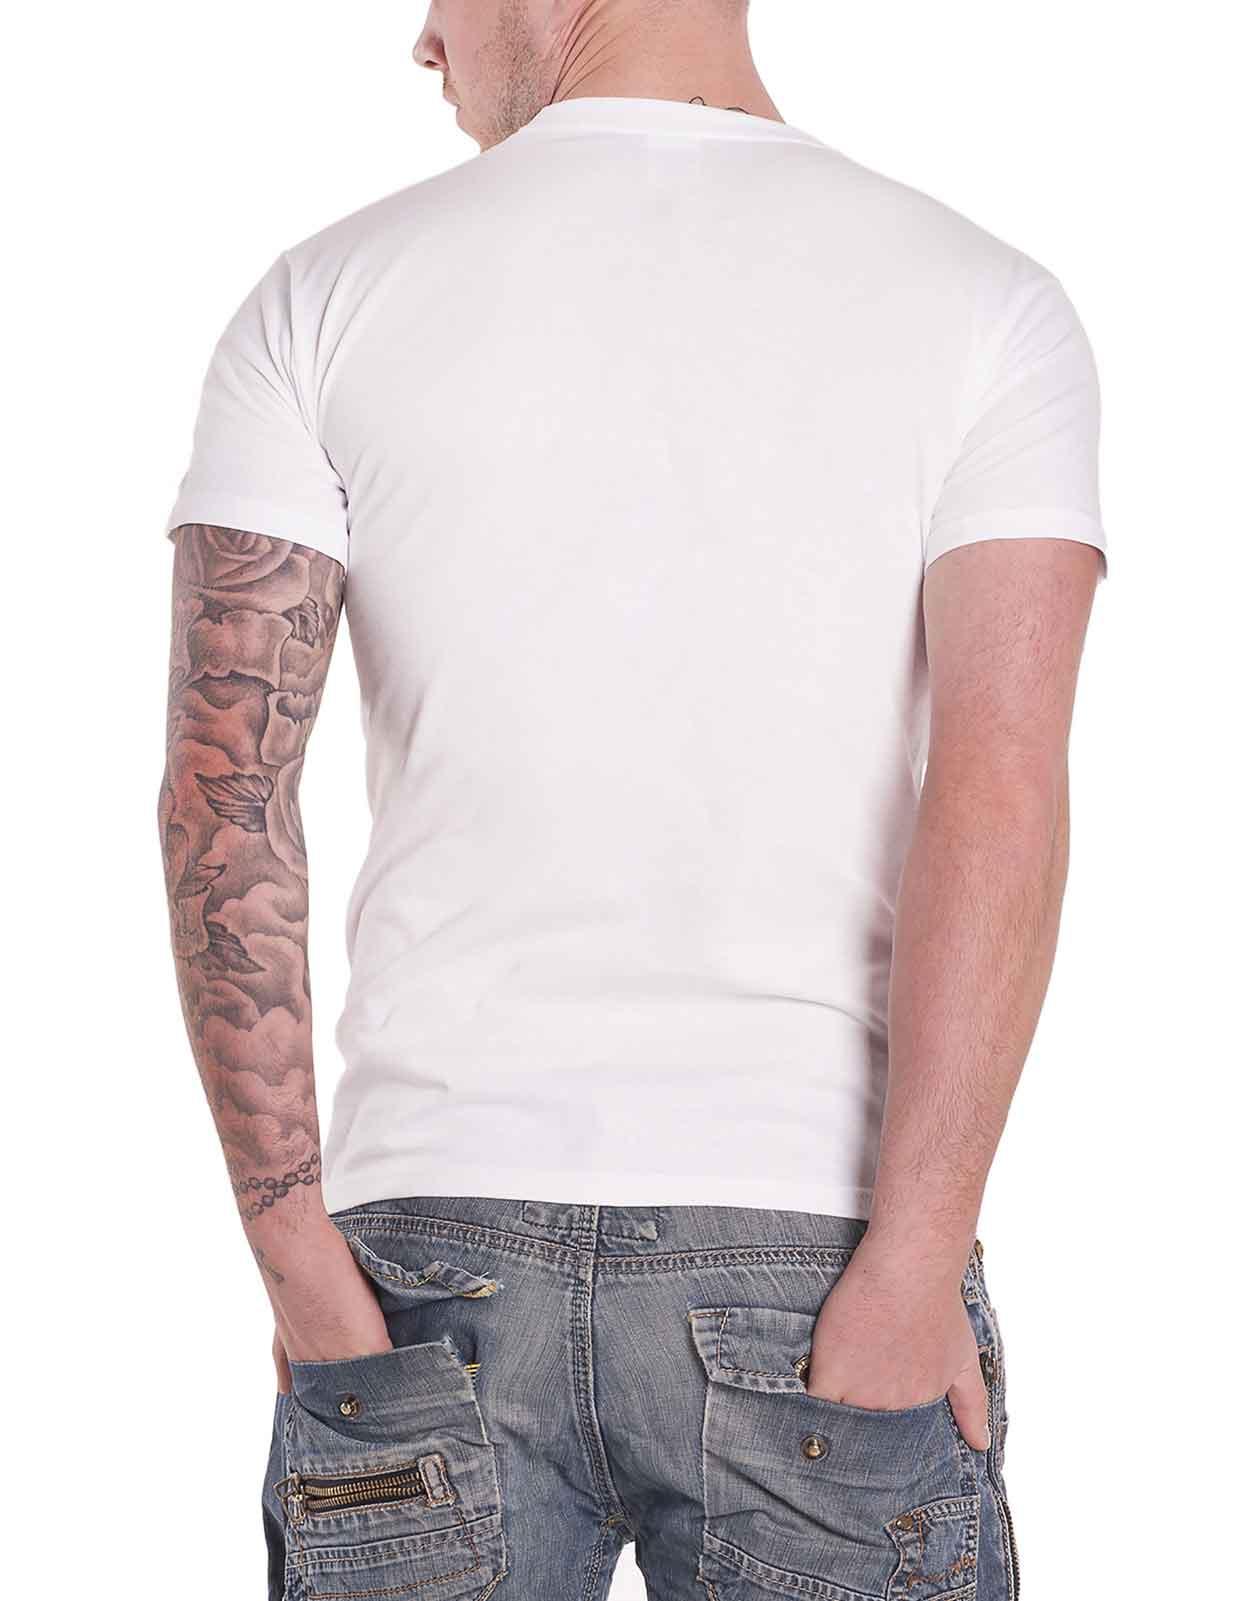 Rick-and-Morty-T-Shirt-Pickle-Rick-Portail-spirale-Wubba-Lubba-nouveau-officiel-Homme miniature 55